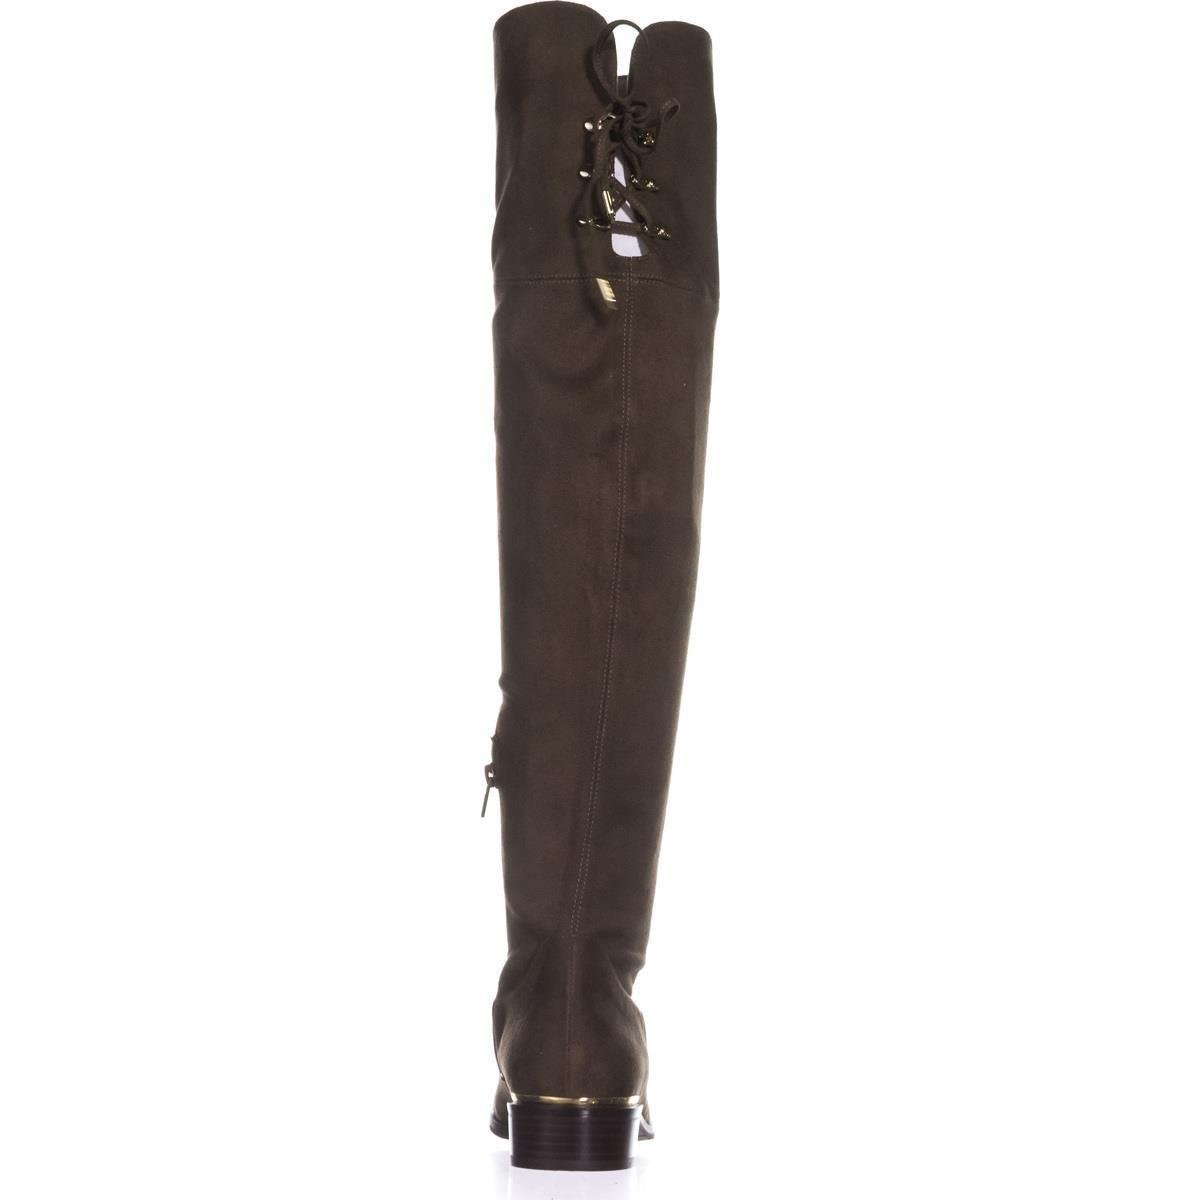 Ivanka Trump Frauen Lnde Geschlossener Zeh Fashion Stiefel Fabric/Super Dark Grün Fabric/Super Stiefel Fine Suede/By Thick 895f7f